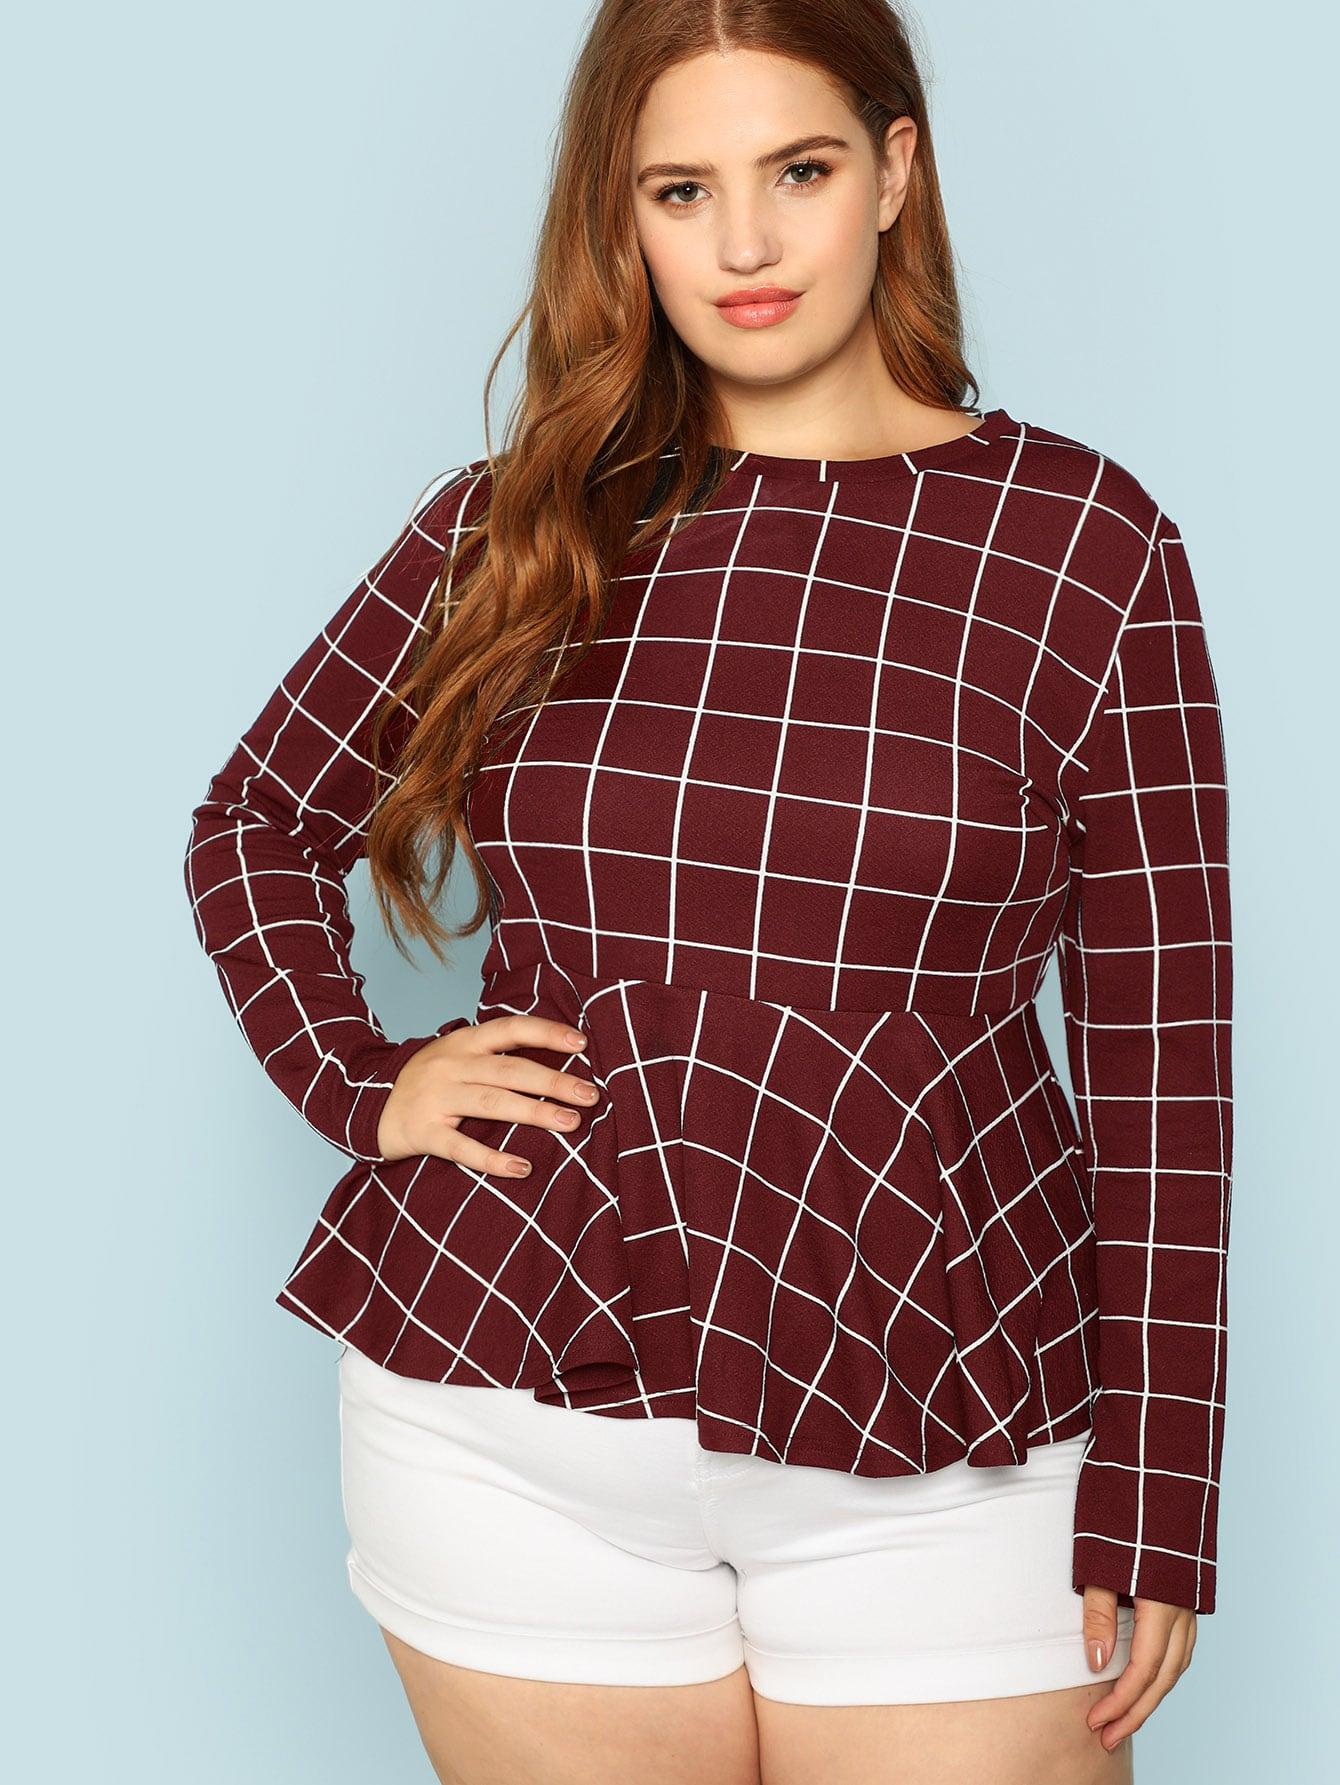 Купить Плюс размеры блузка в клетку, Bree Kish, SheIn